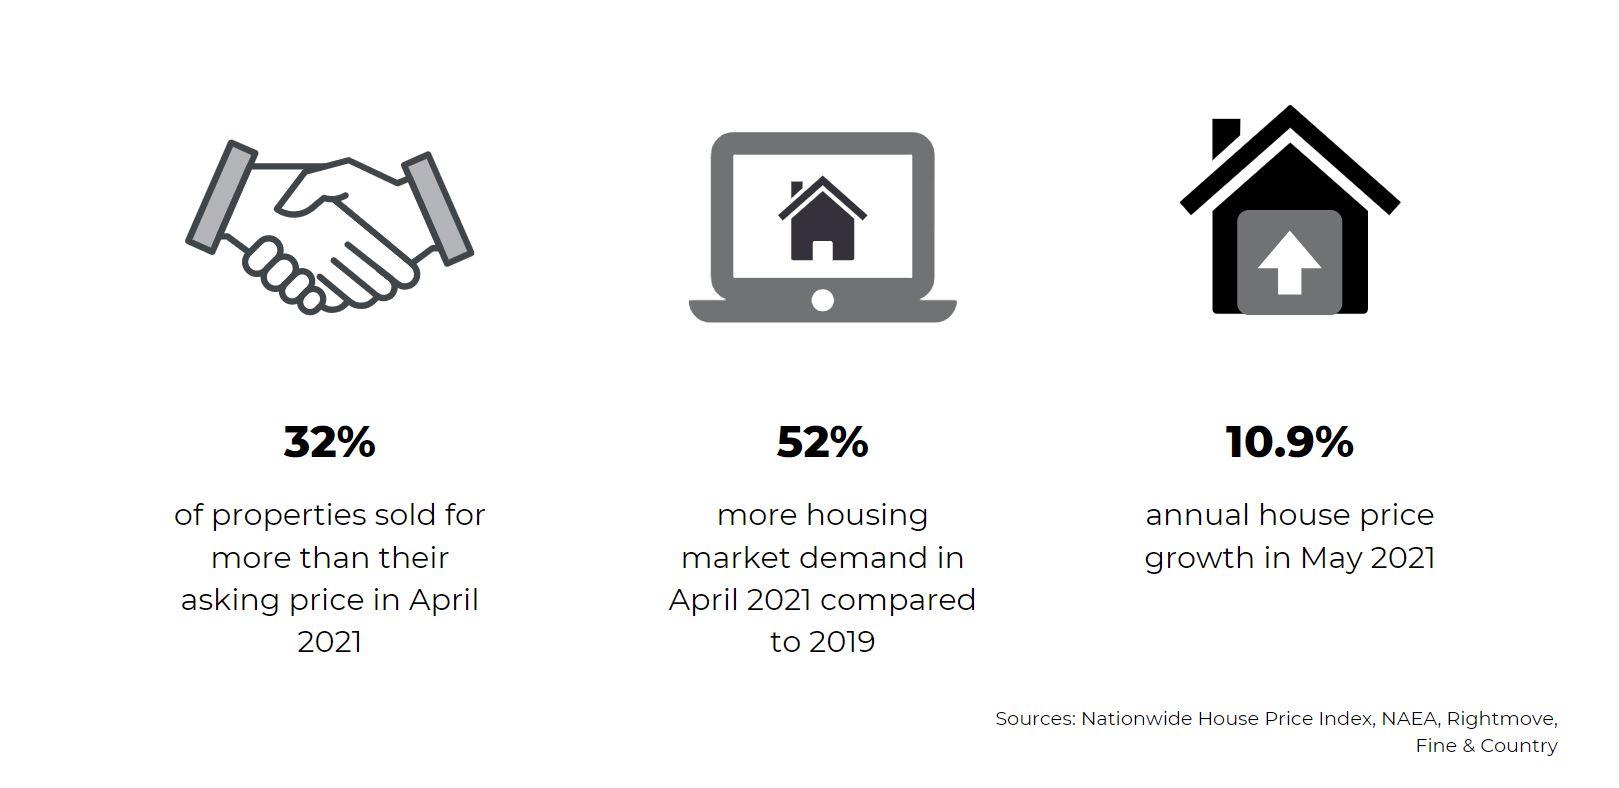 June 2021 Property market report statistics